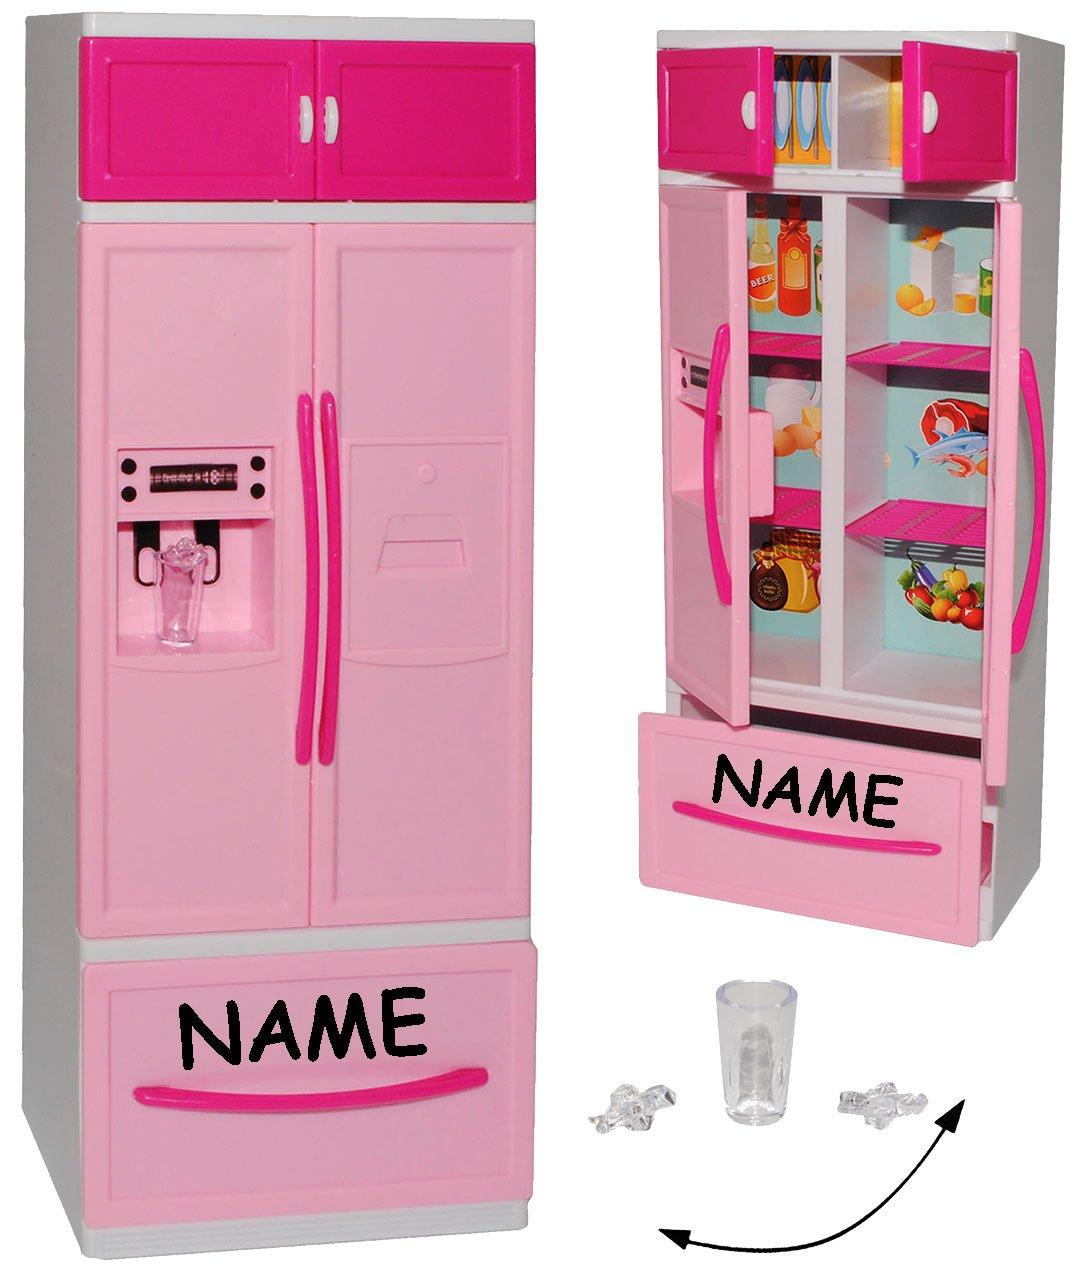 Kühlschrank mit Eiswürfelspender / Gefrierschrank - incl. Name ...